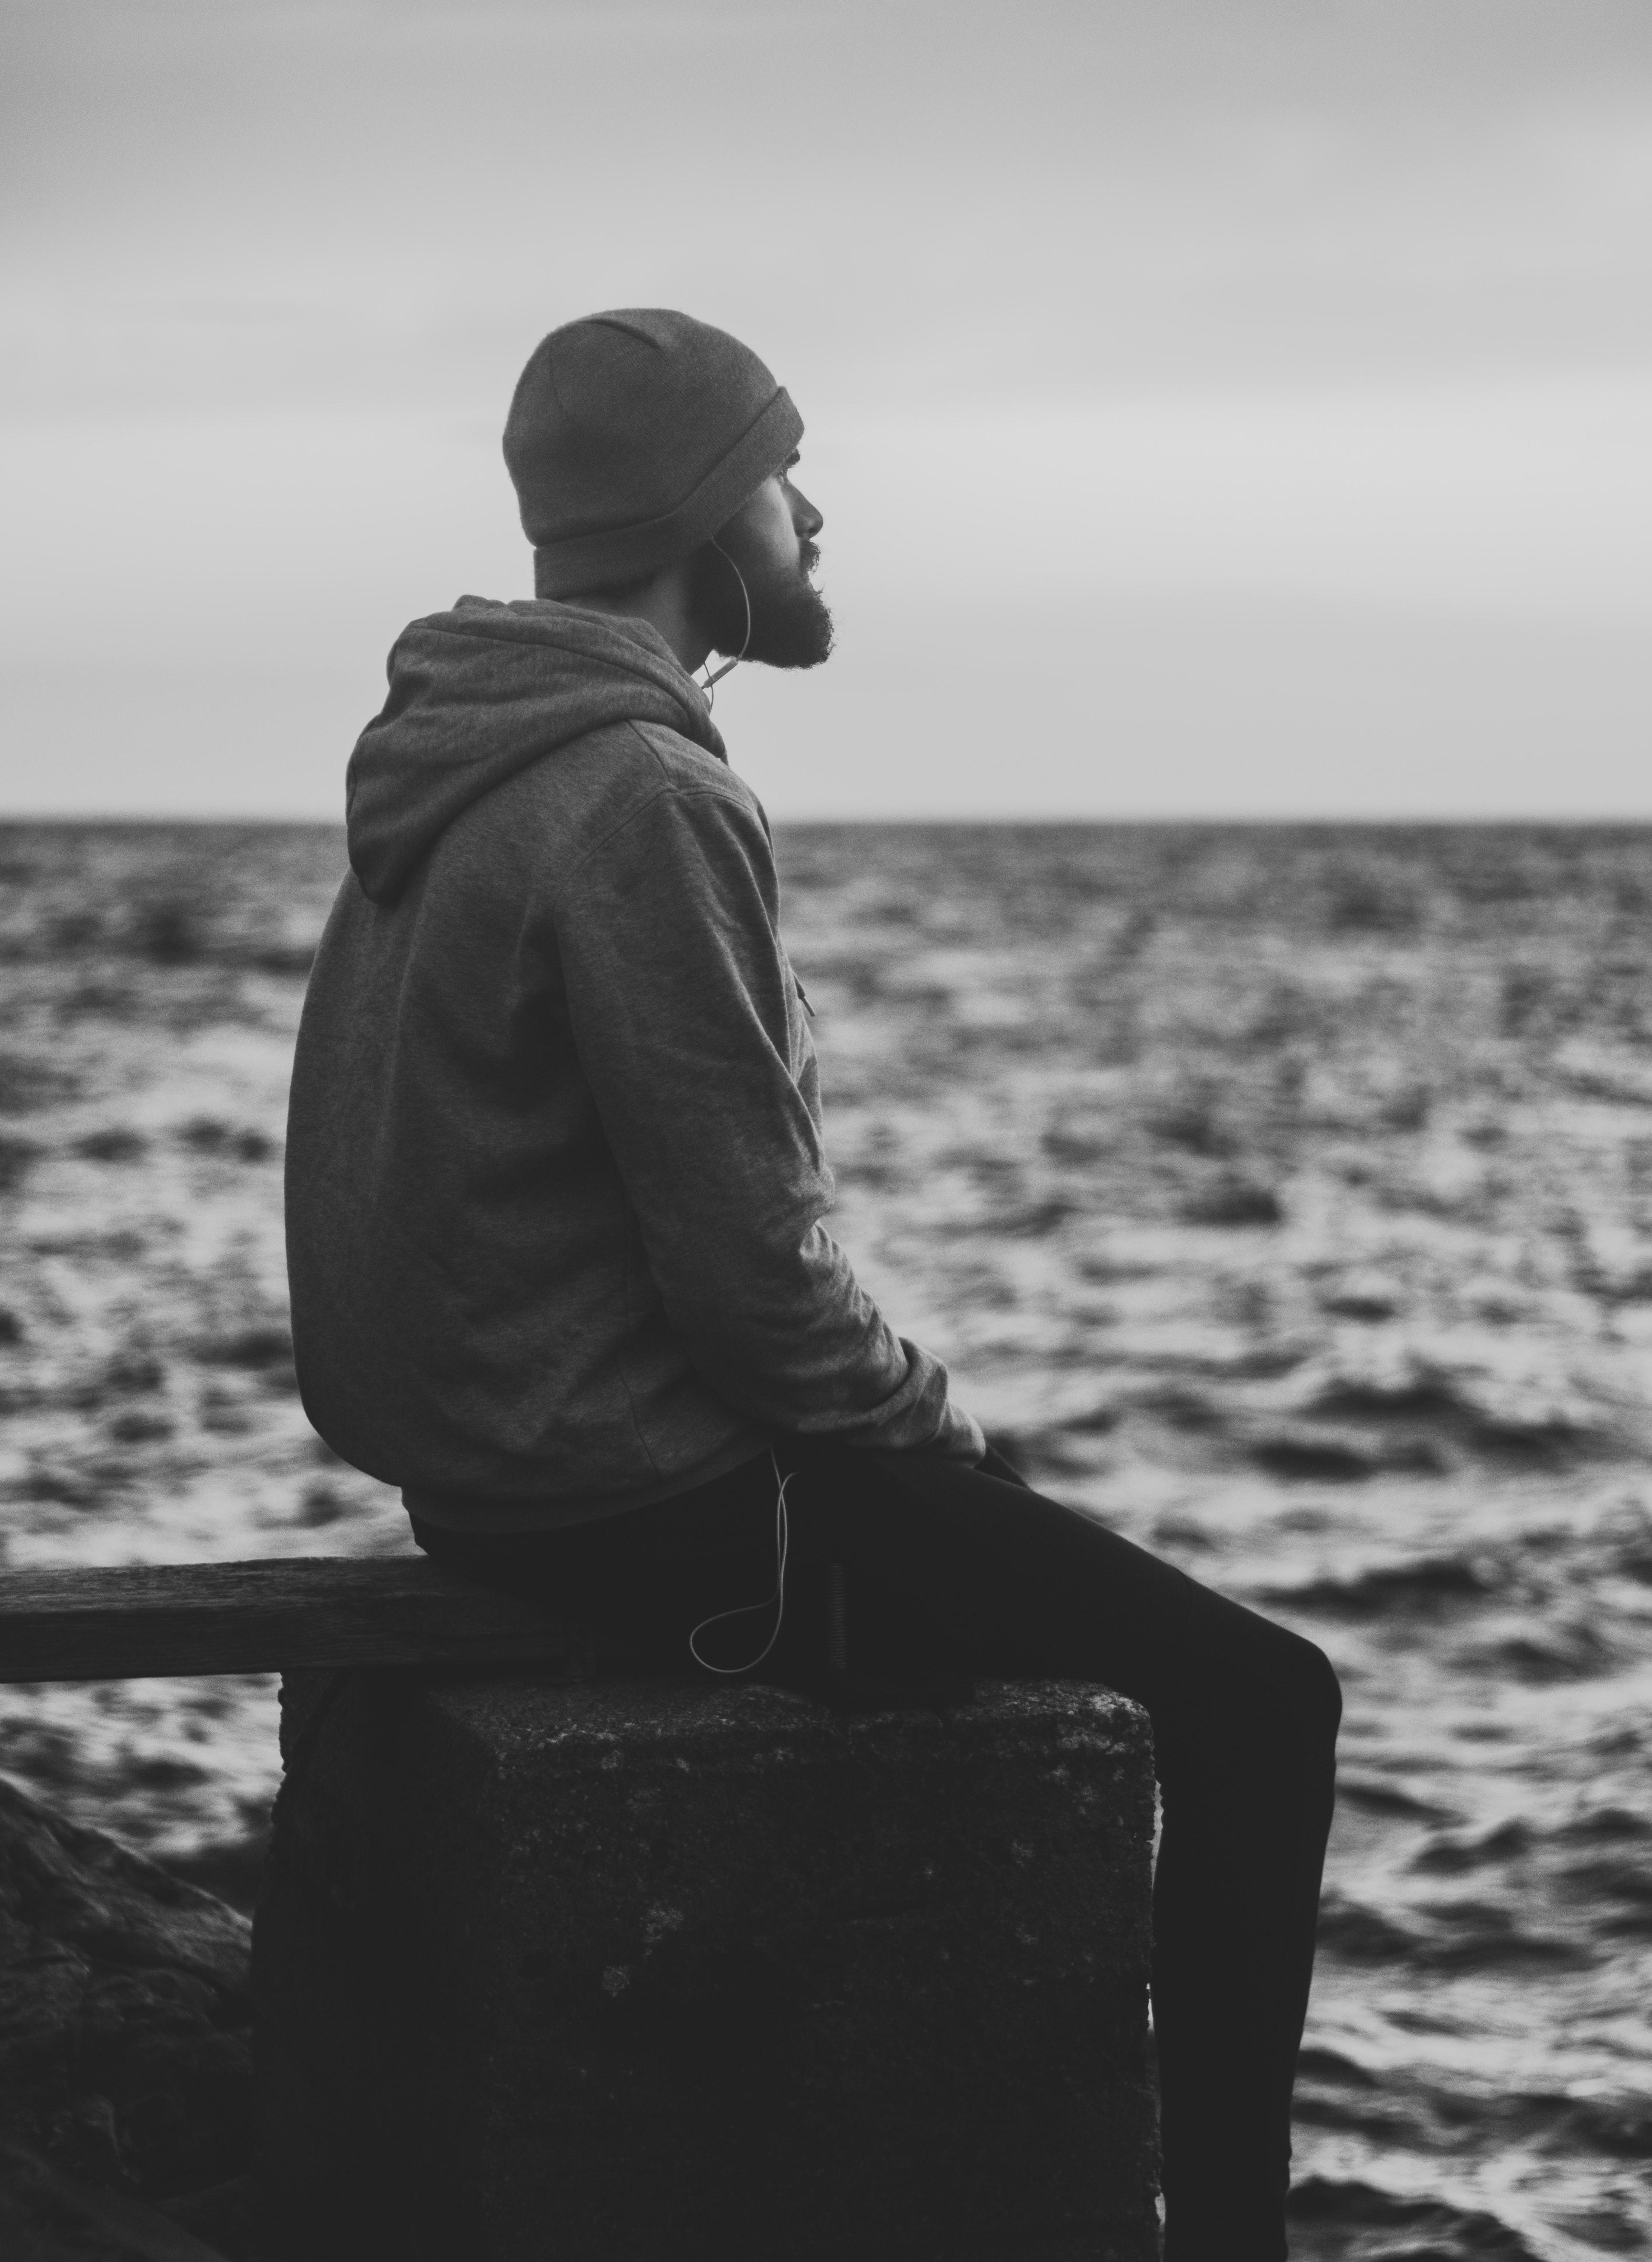 Hombres.frente.al.mar